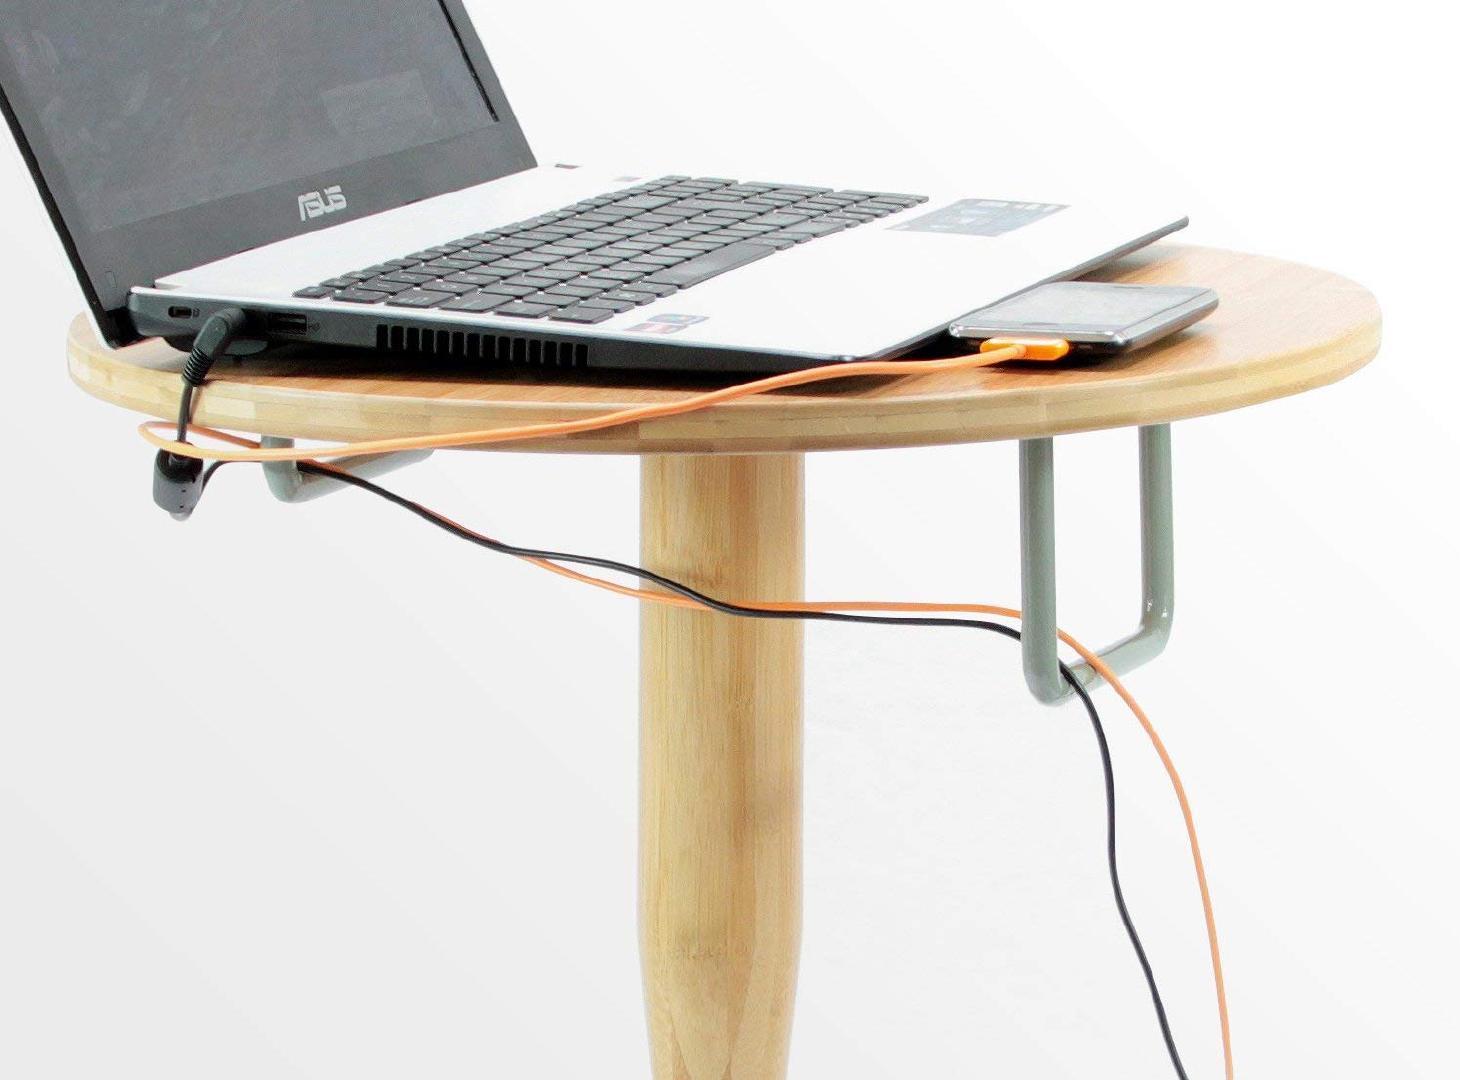 亚马逊上卖的这么一个床头桌,感觉很好笑,但很实用啊 趣事儿 第2张